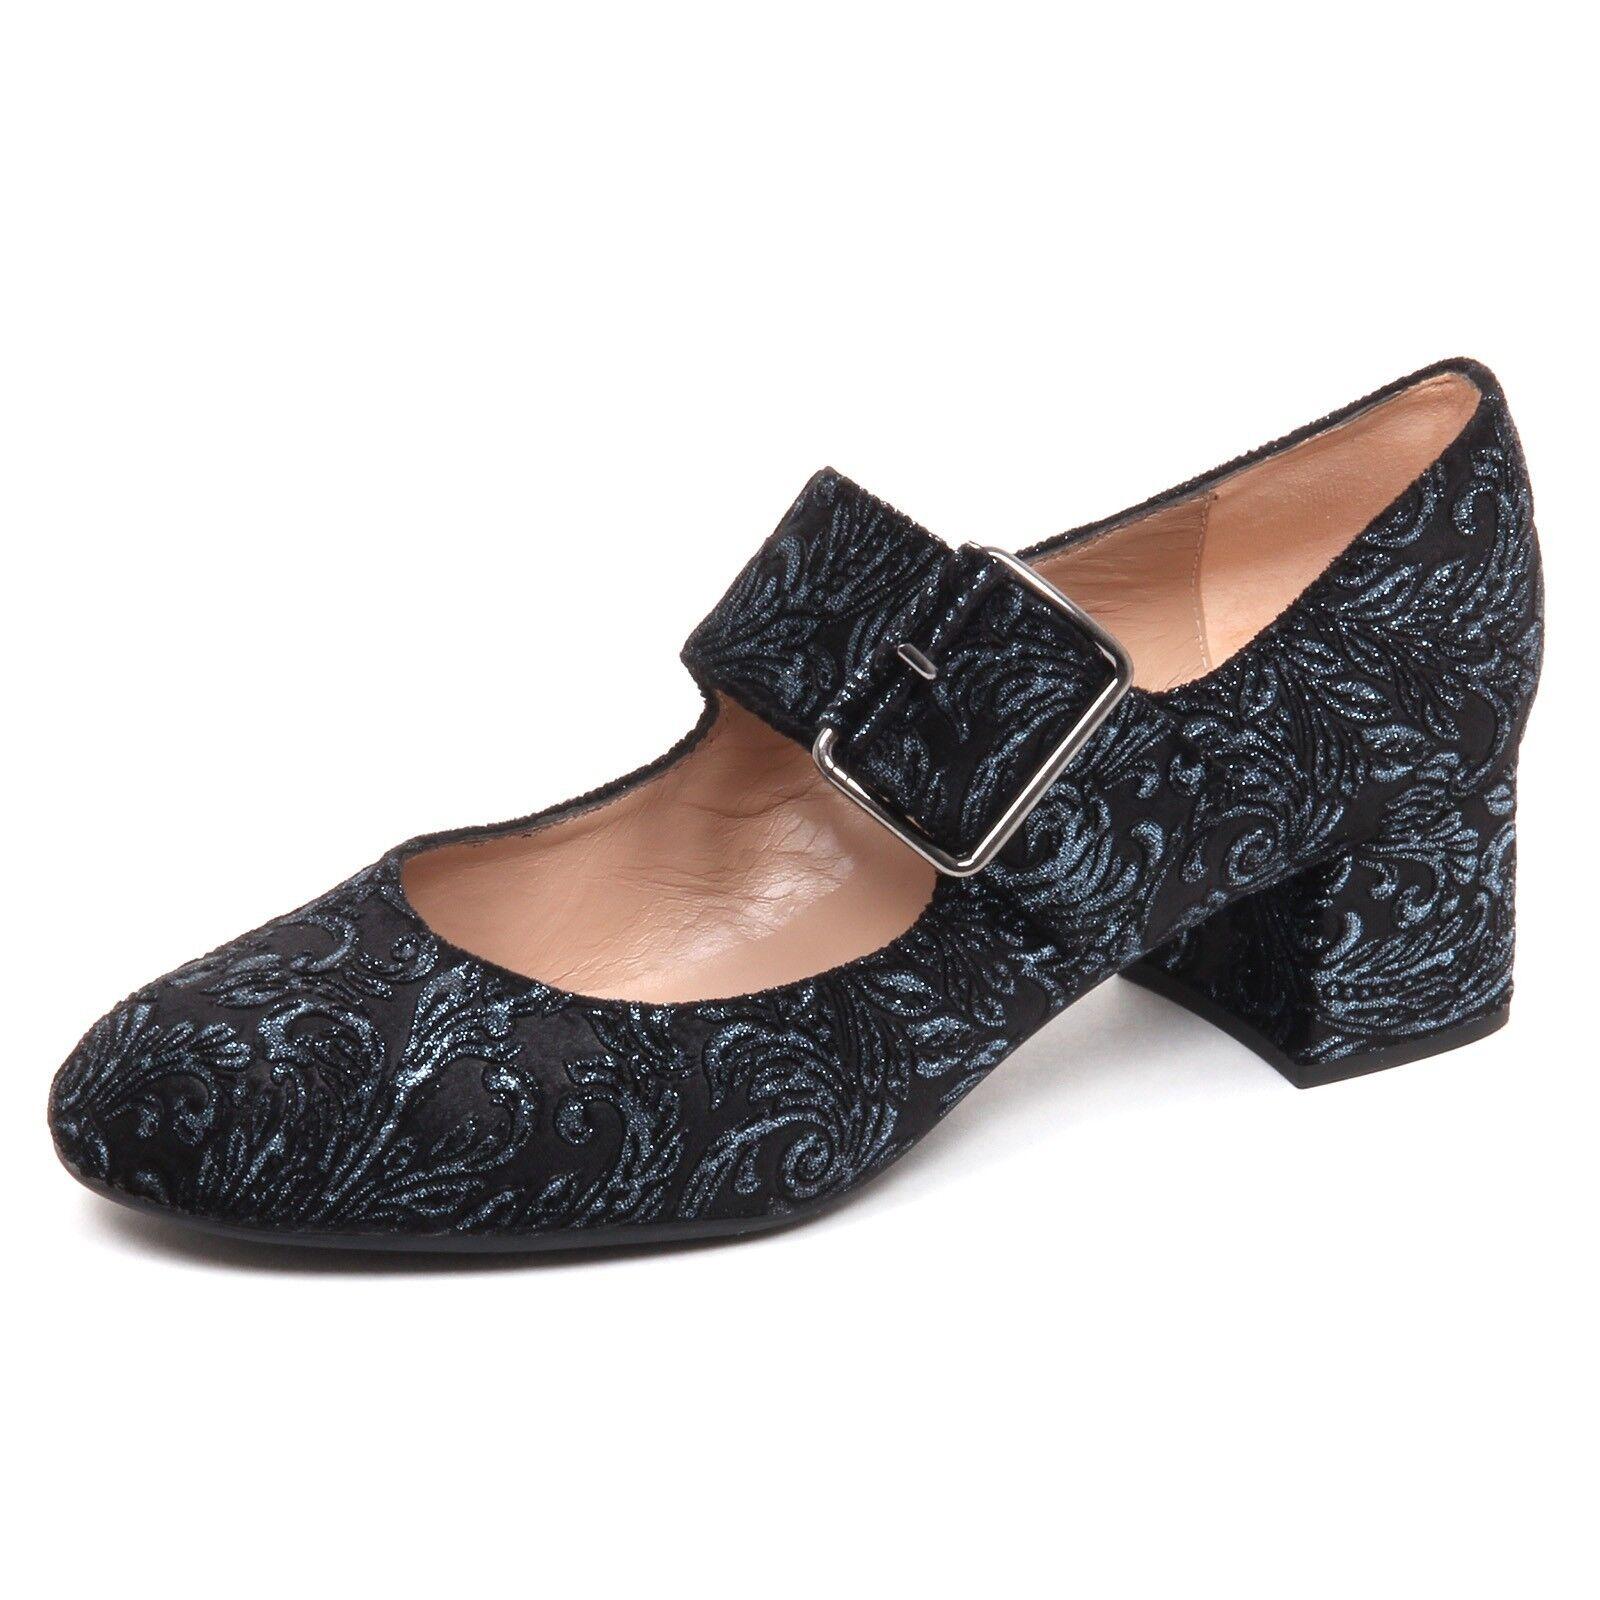 E6466 Escote mujer Terciopelo UNISA UNISA UNISA zapatos Mujer Zapato Negro azul  para mayoristas